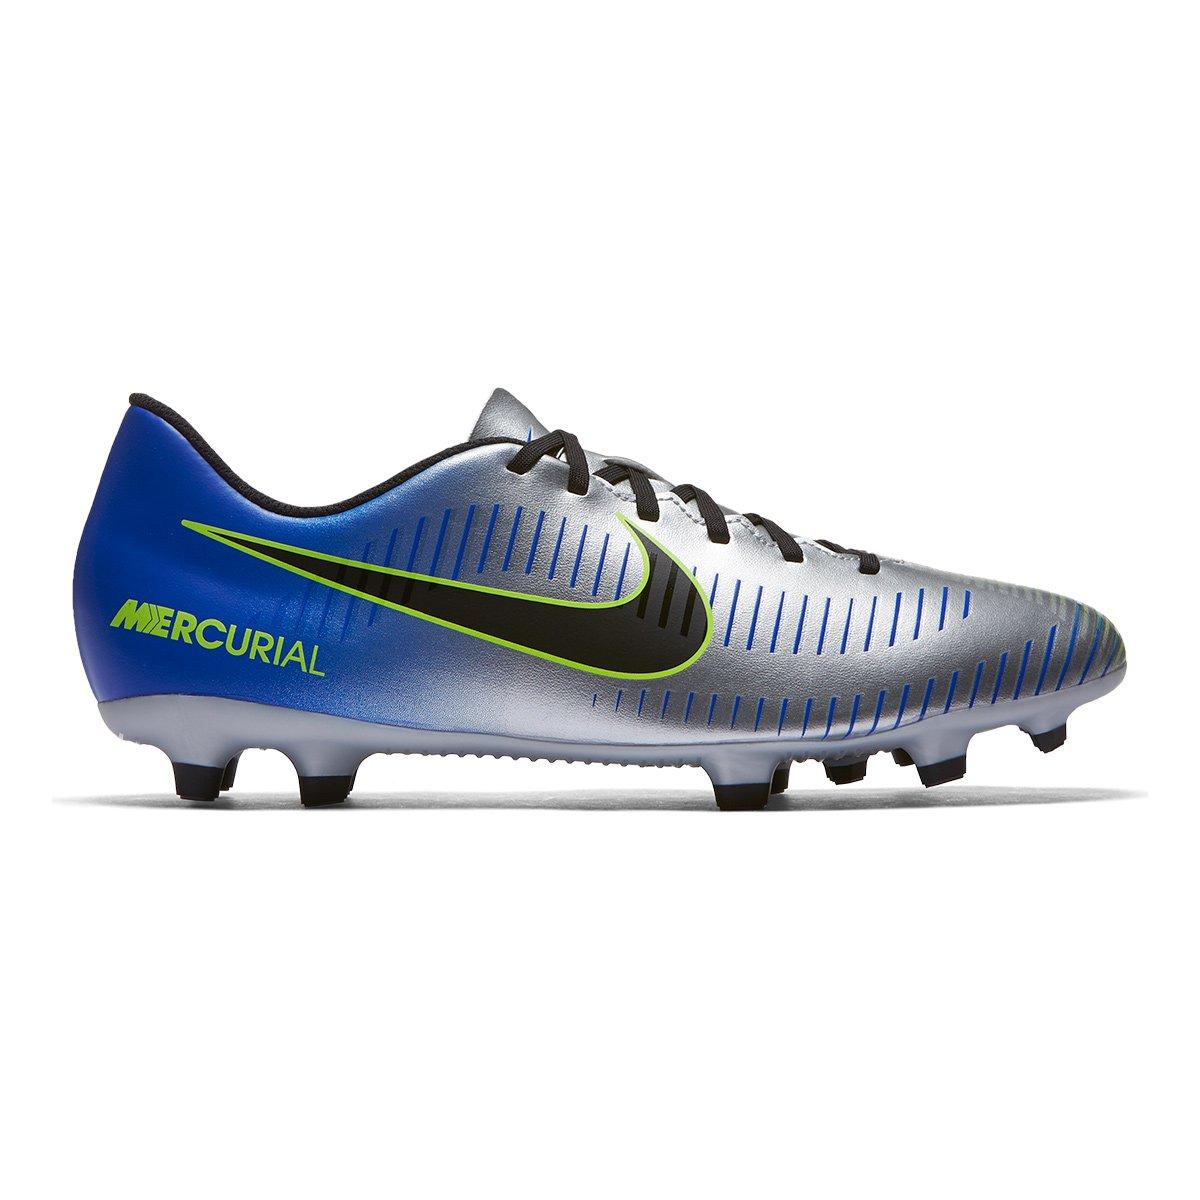 1560d85426 Chuteira Campo Nike Mercurial Vortex 3 Neymar Jr FG - Azul e Preto |  Allianz Parque Shop